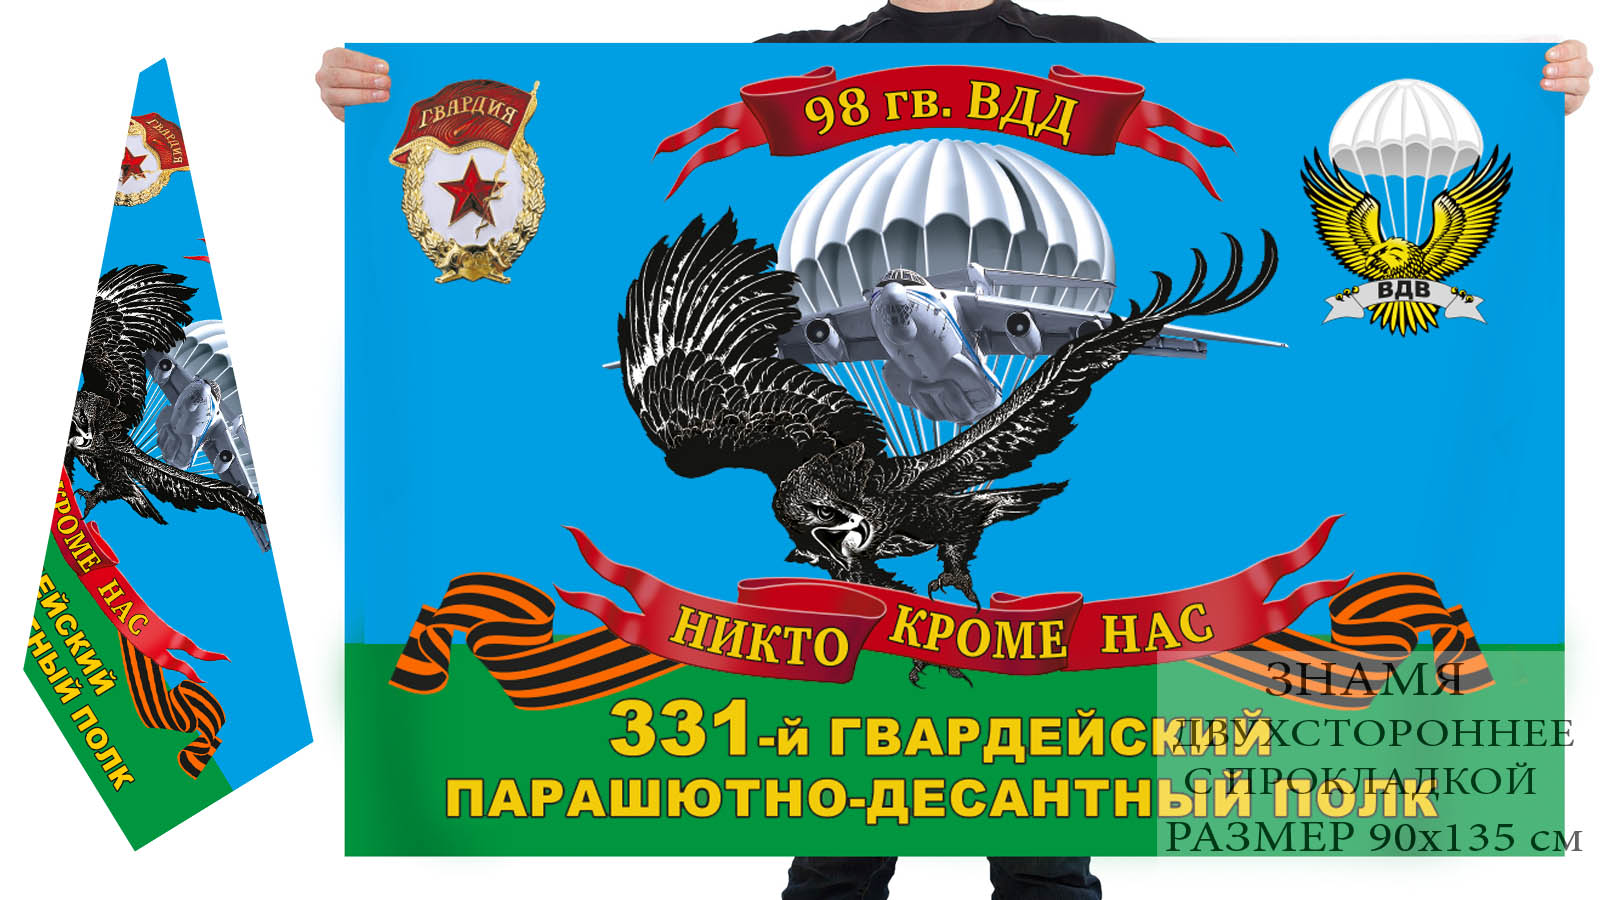 Двусторонний флаг 331 гвардейского ПДП 98 гв. ВДД